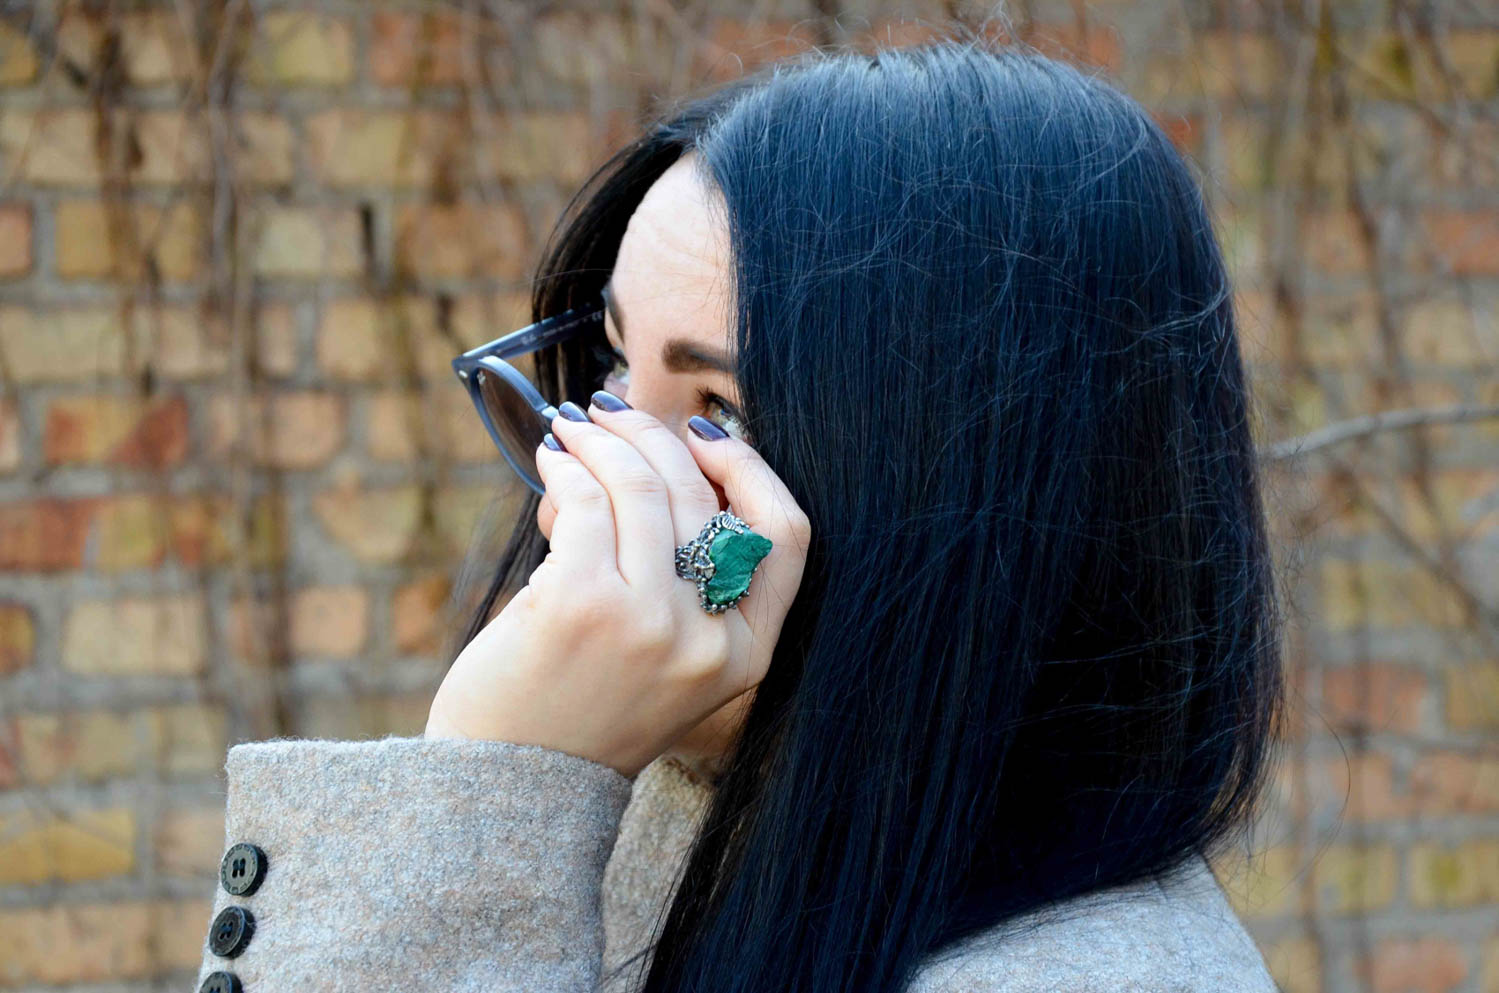 Кольцо с малахитом из первой коллекции LivingInTravels